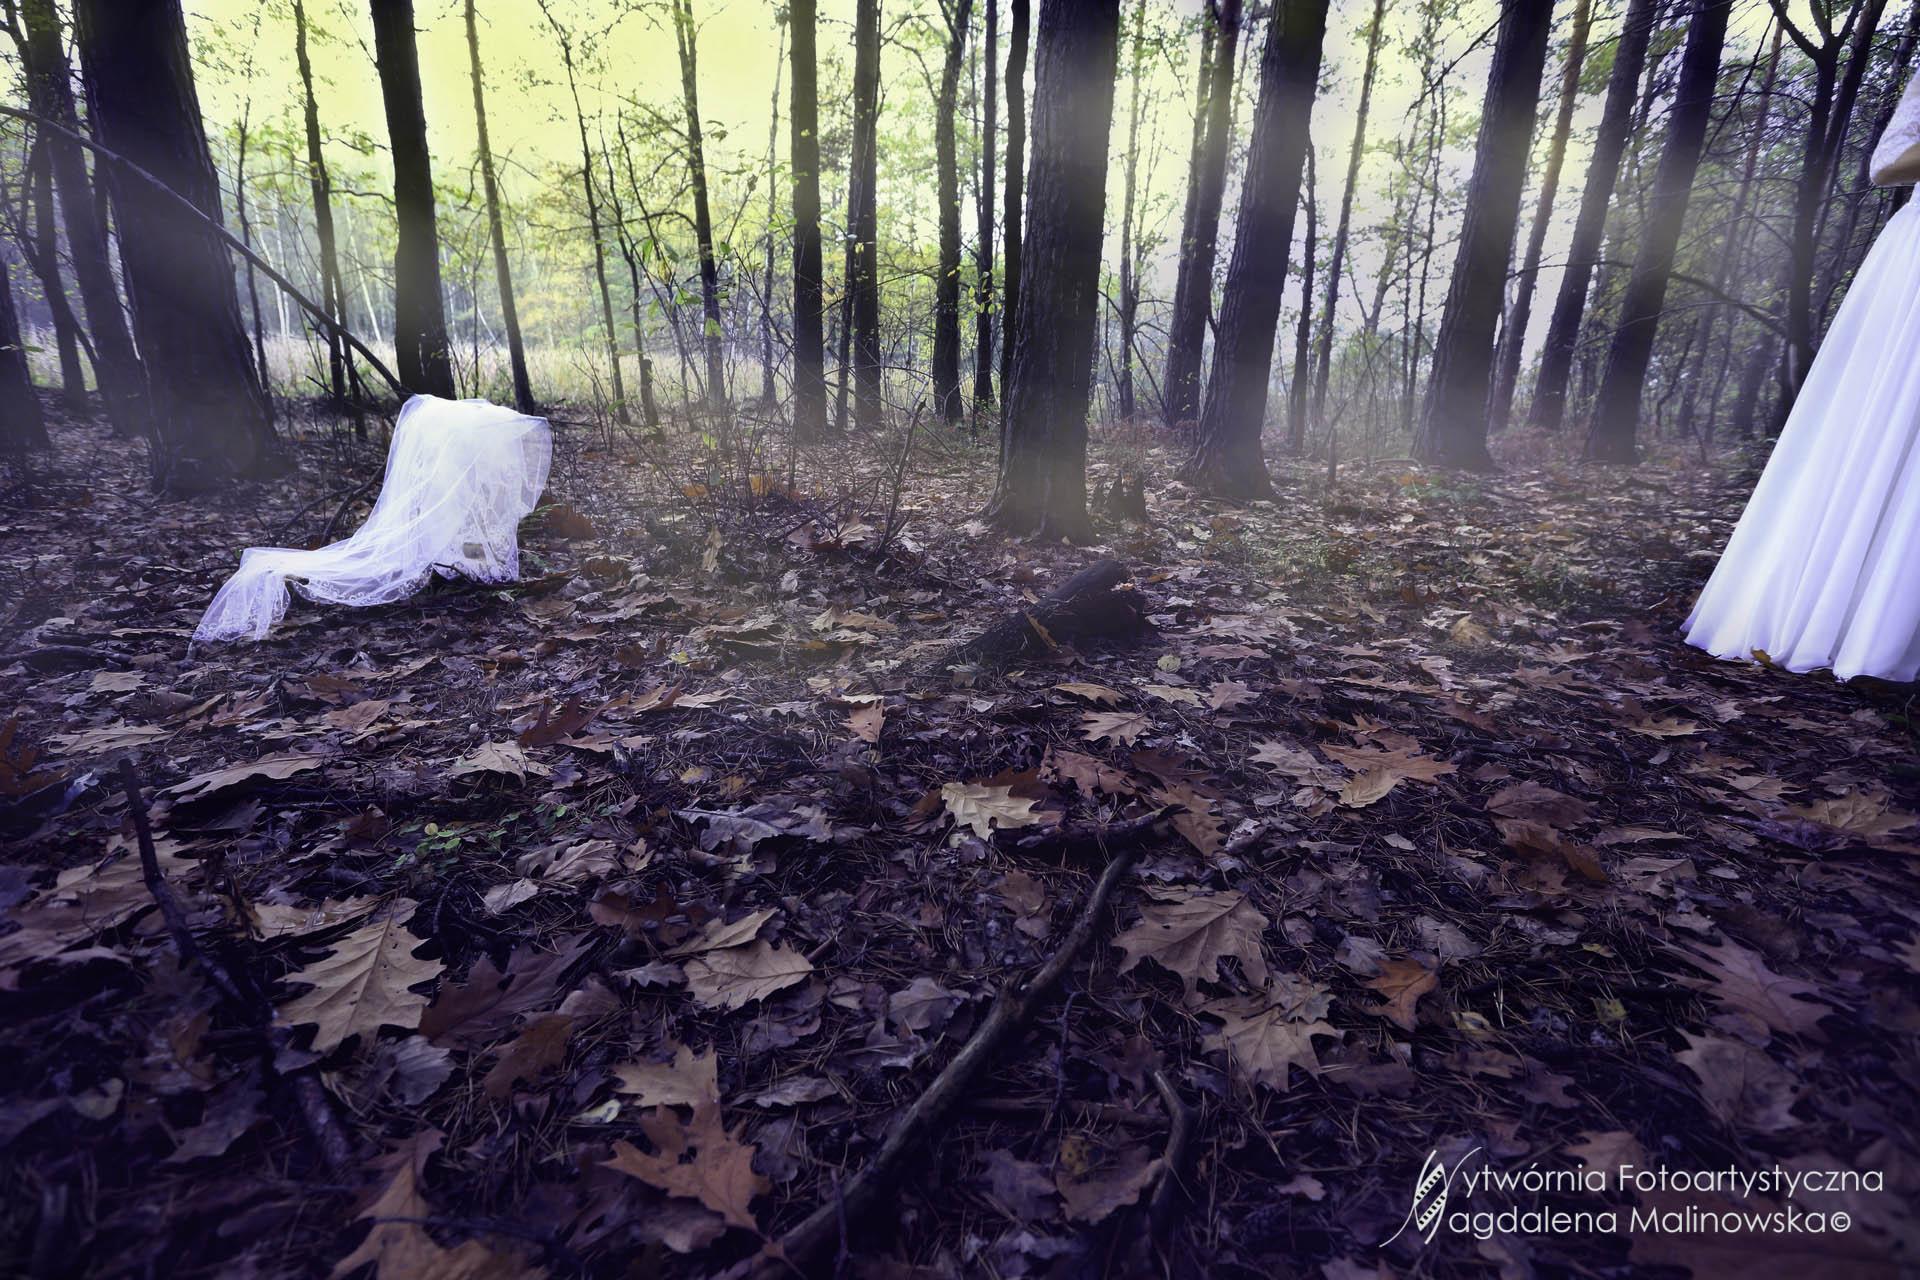 tn_14_magdalena_malinowska_wytwornia_fotoartystyczna_6C2A5791_1